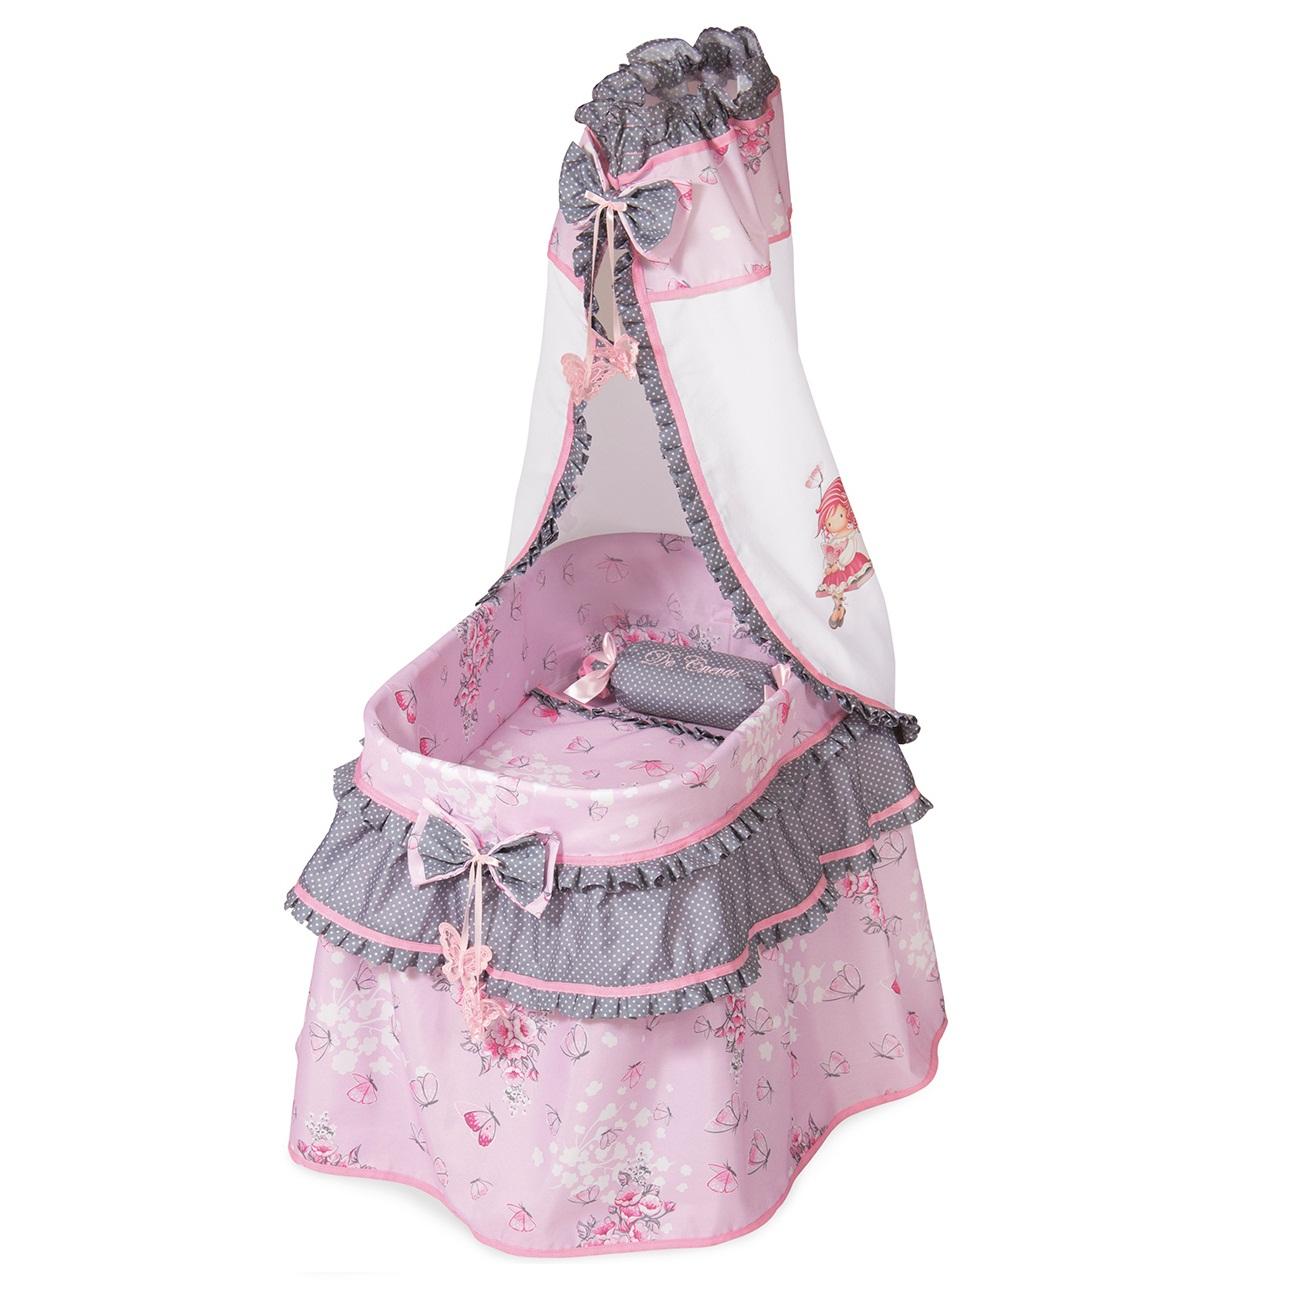 Кроватка с балдахином из серии Мария, 60 см - Детские кроватки для кукол, артикул: 169893